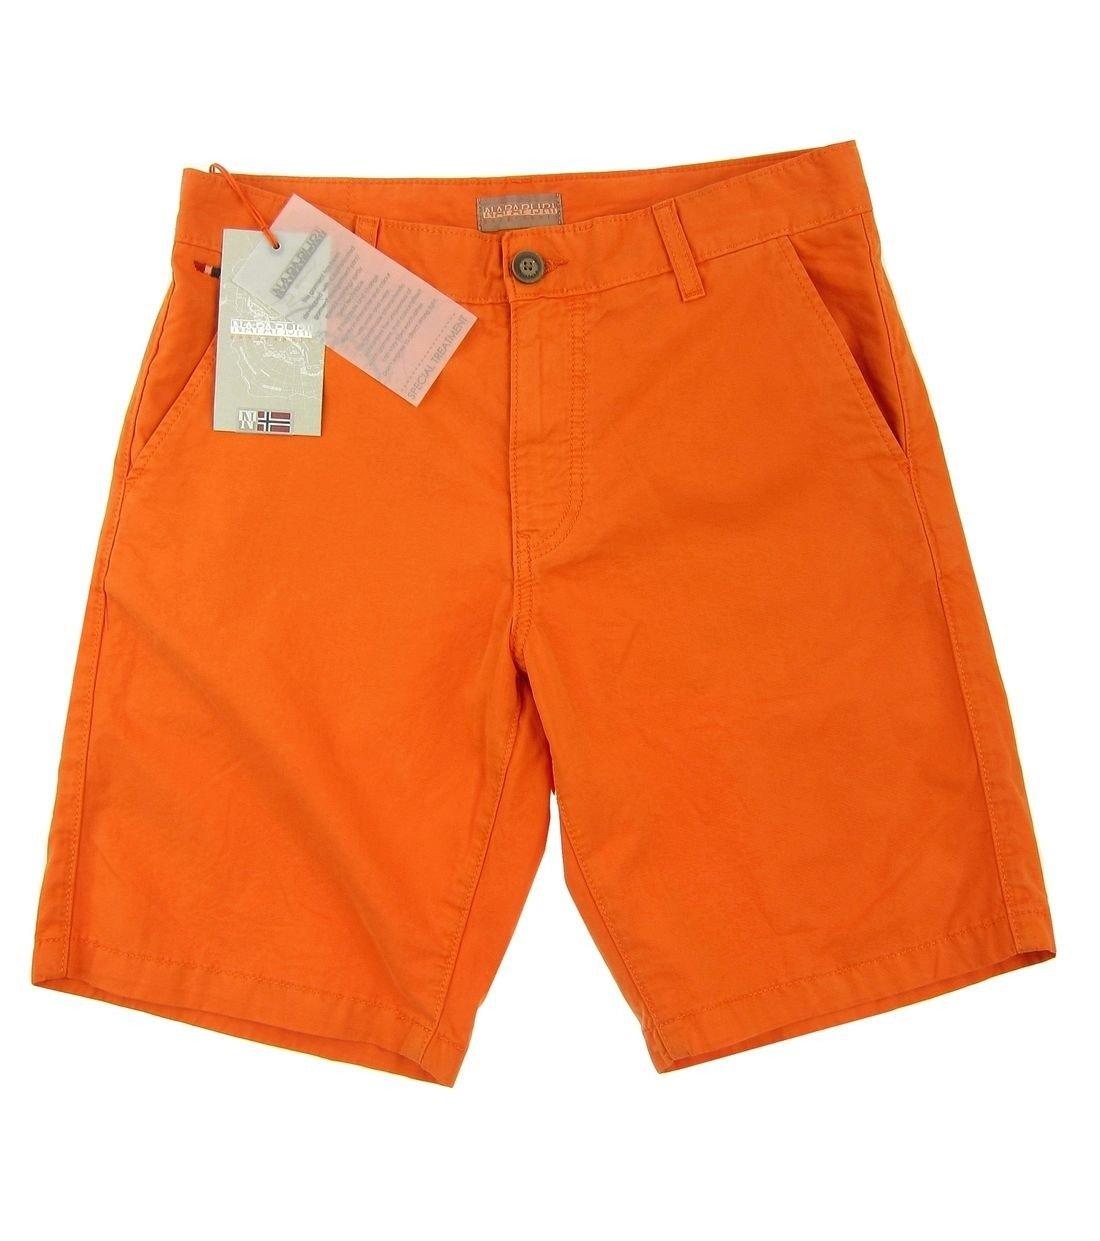 Click to zoom · NAPAPIJRI Nayerou Herren Men Shorts Kurz Hose Chino Bermuda  Orange Neu New Logo 4a05a3a759